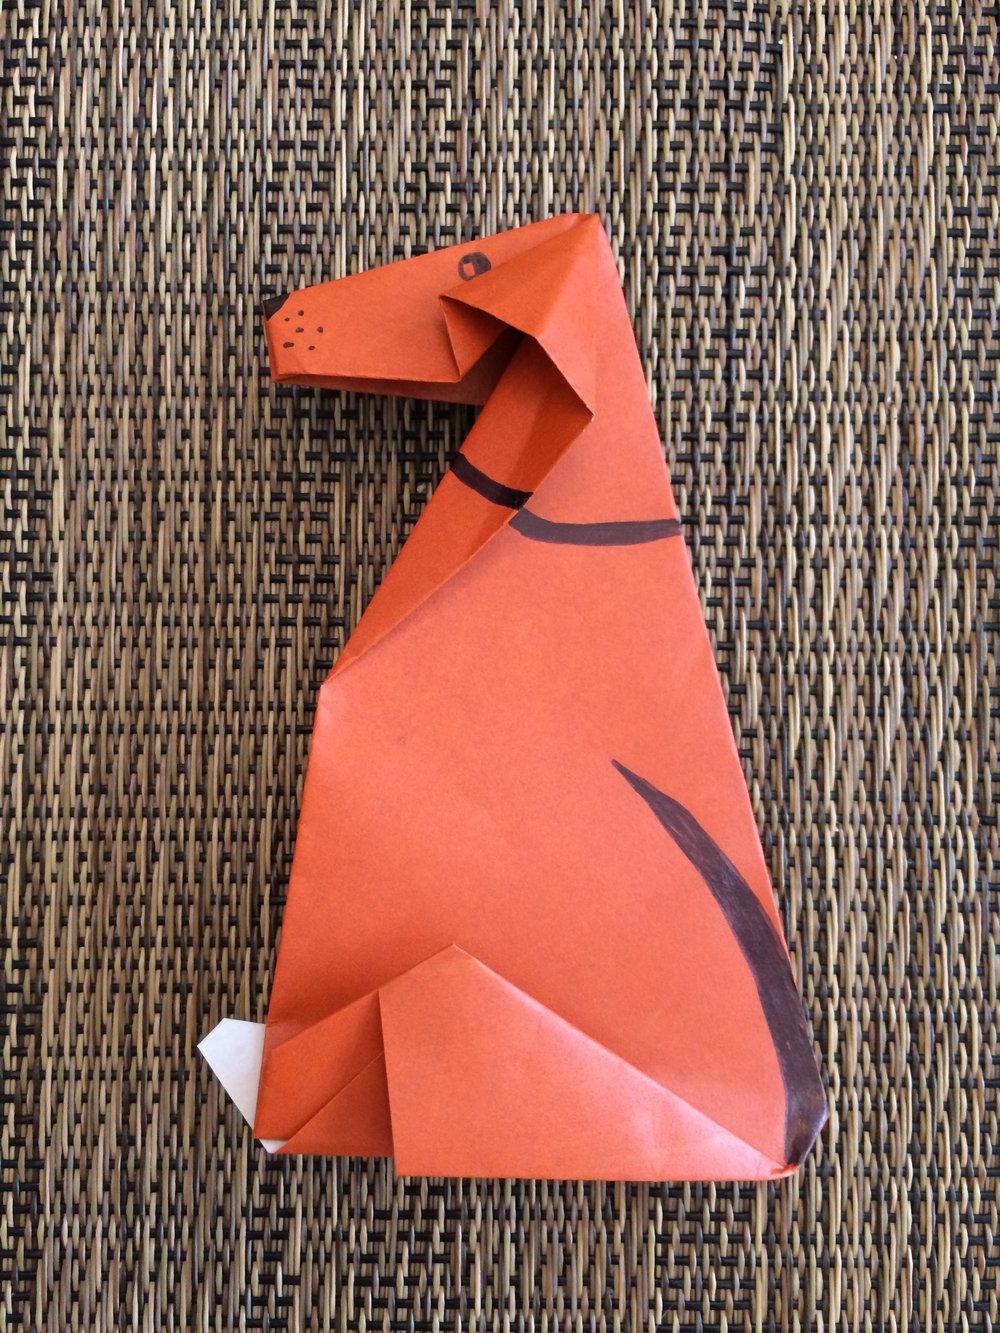 Origami Dog!